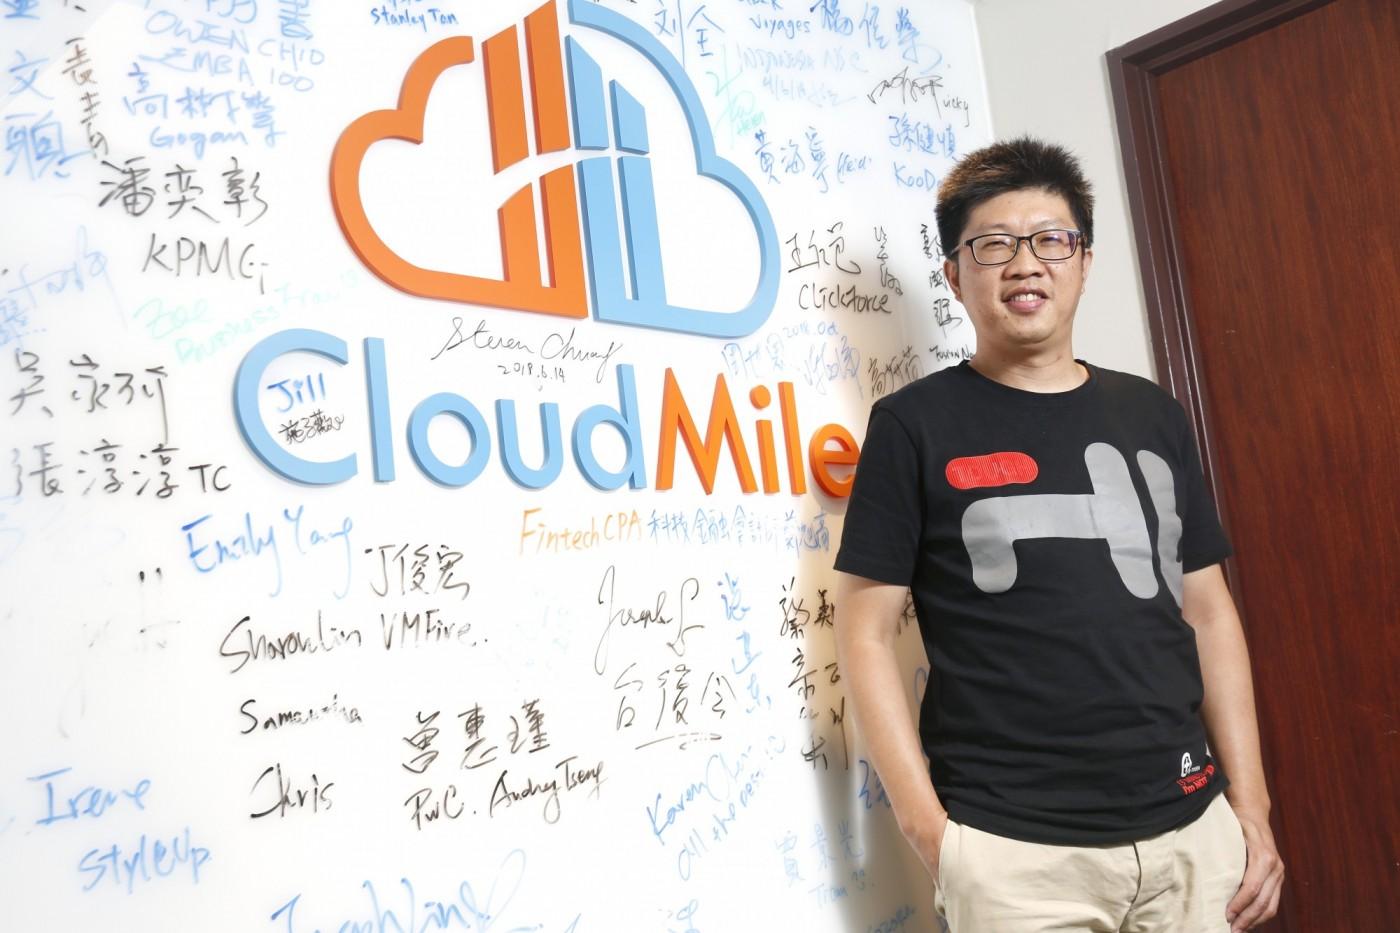 打造企業有感的AI應用!CloudMile以AI4Biz助企業轉型